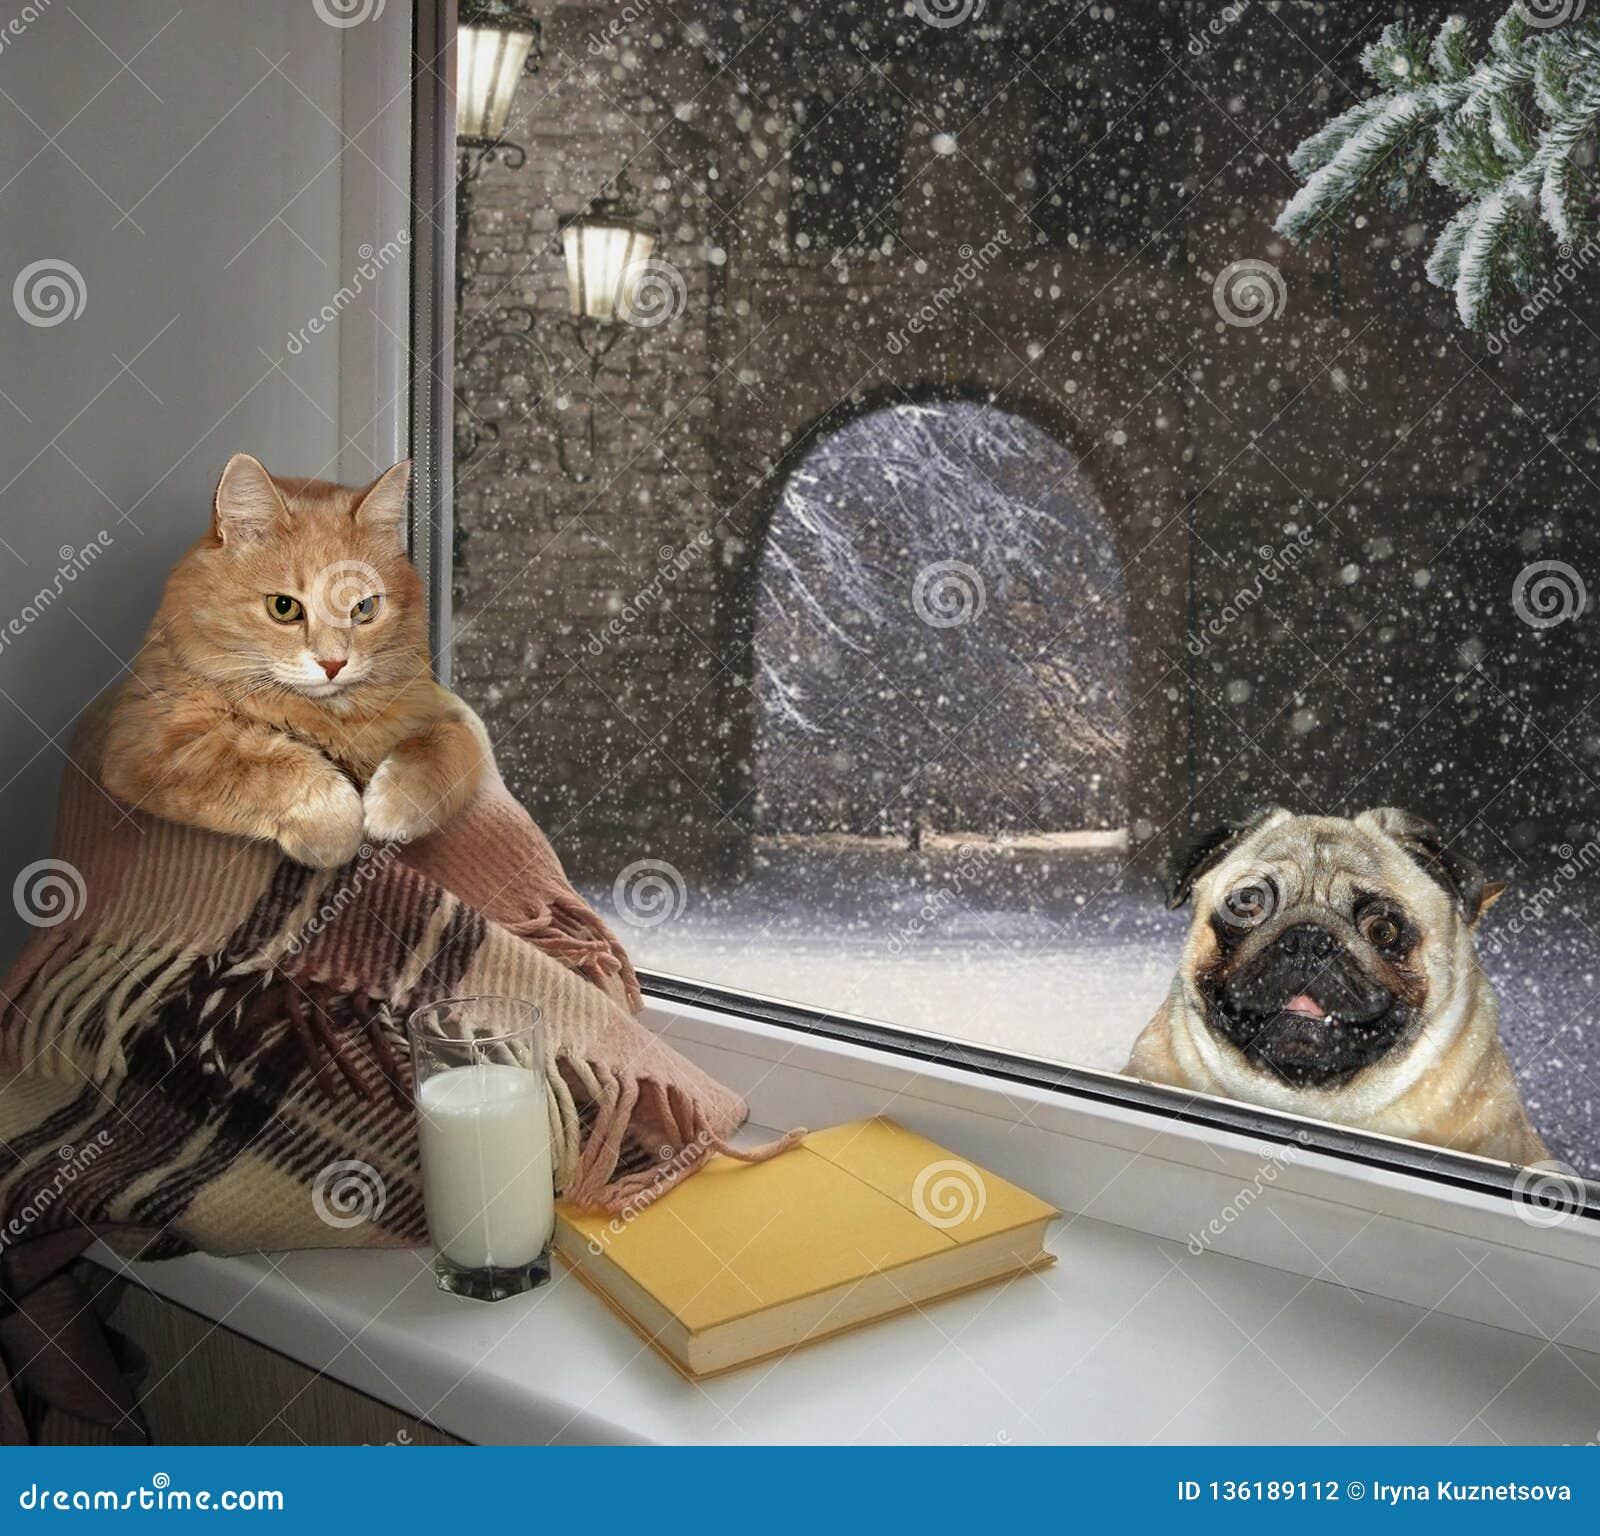 Katt på fönsterbrädan och en hund utanför